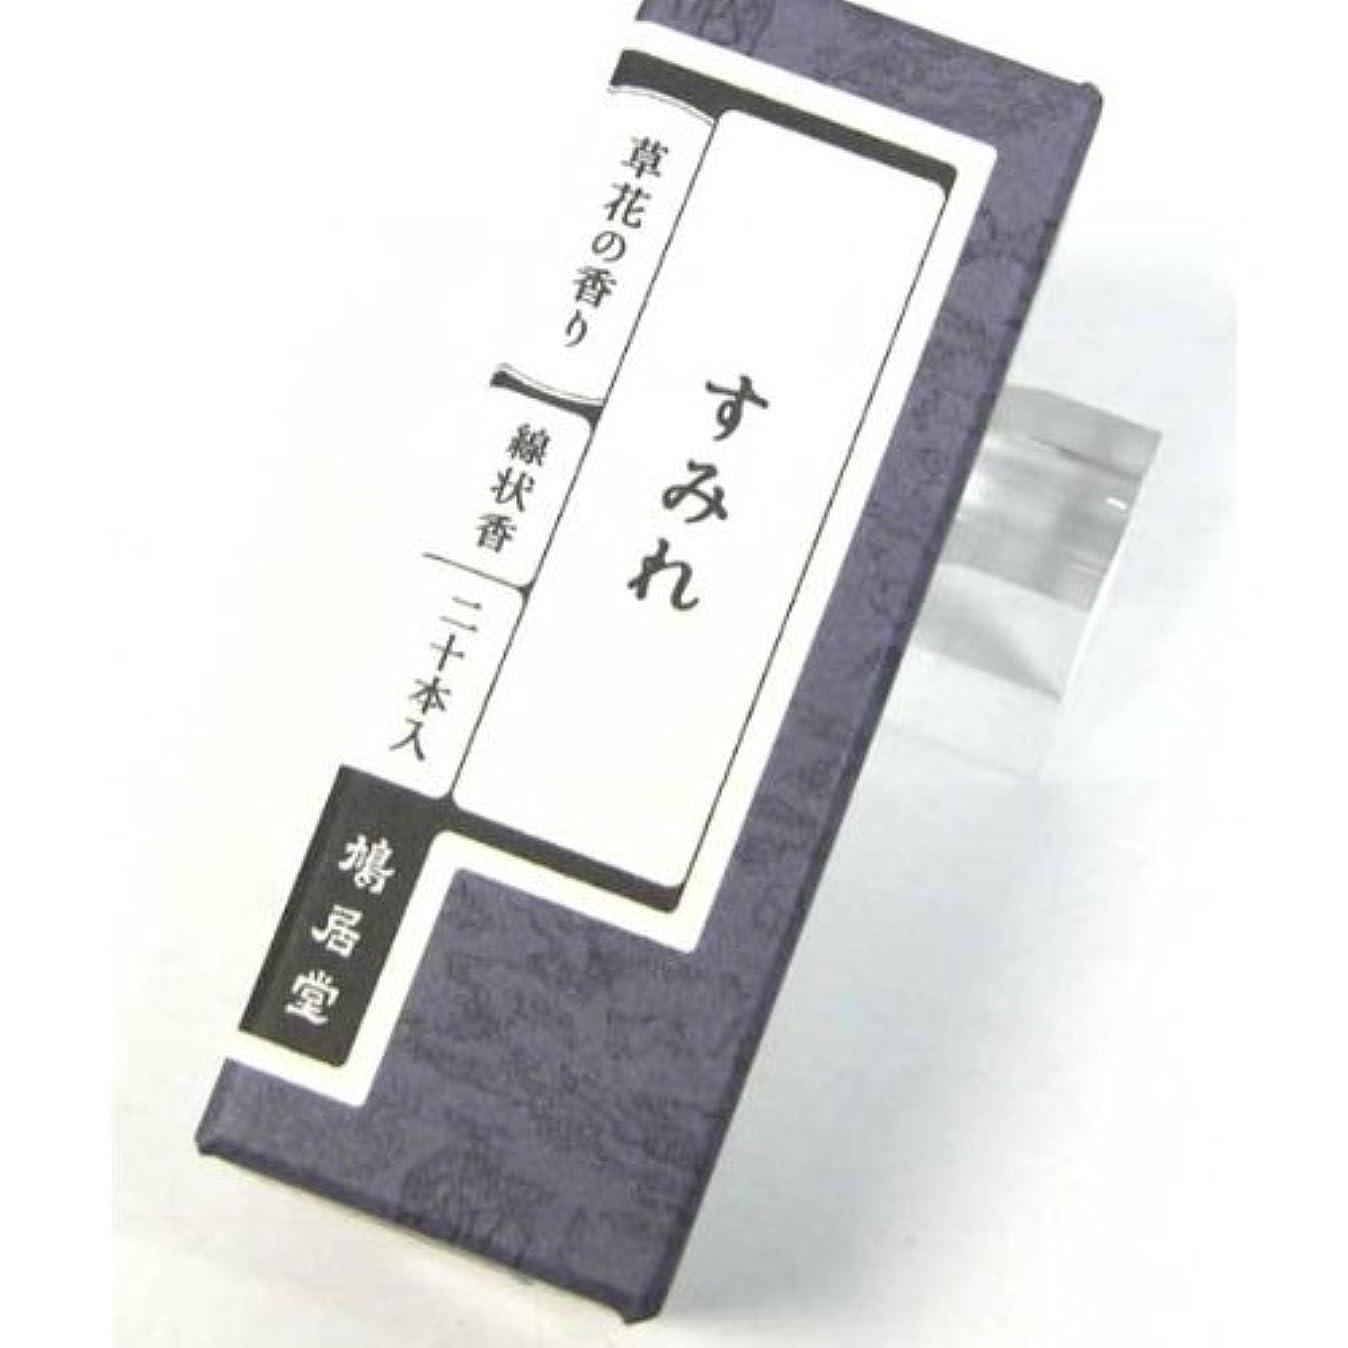 飾り羽曖昧な干渉する鳩居堂 お香 すみれ/菫 草花の香りシリーズ スティックタイプ(棒状香)20本いり